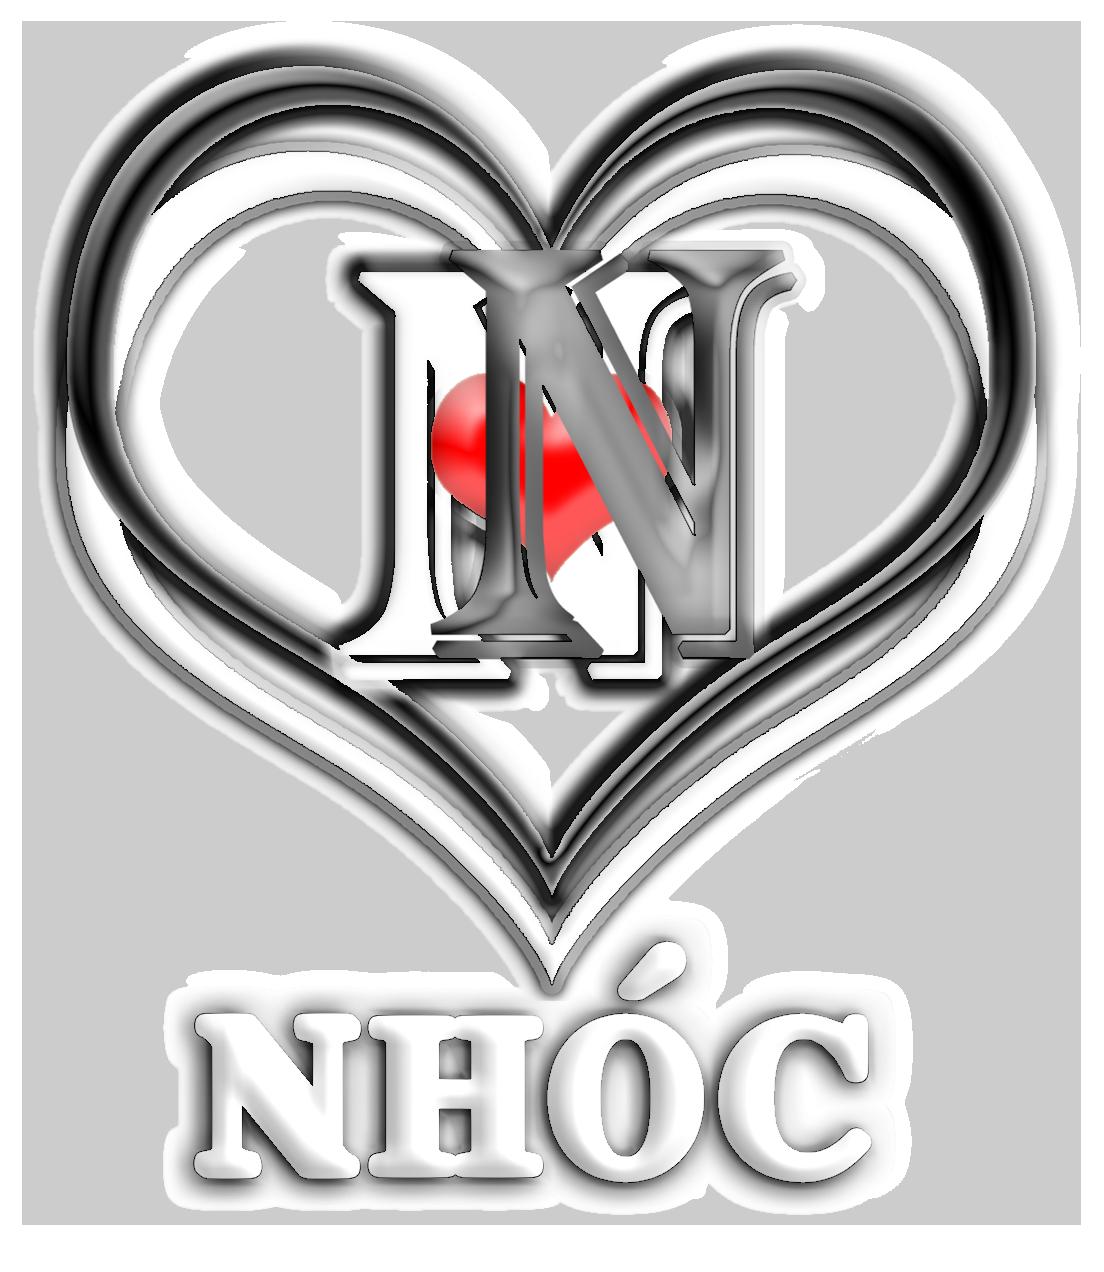 Nhoc - Chip